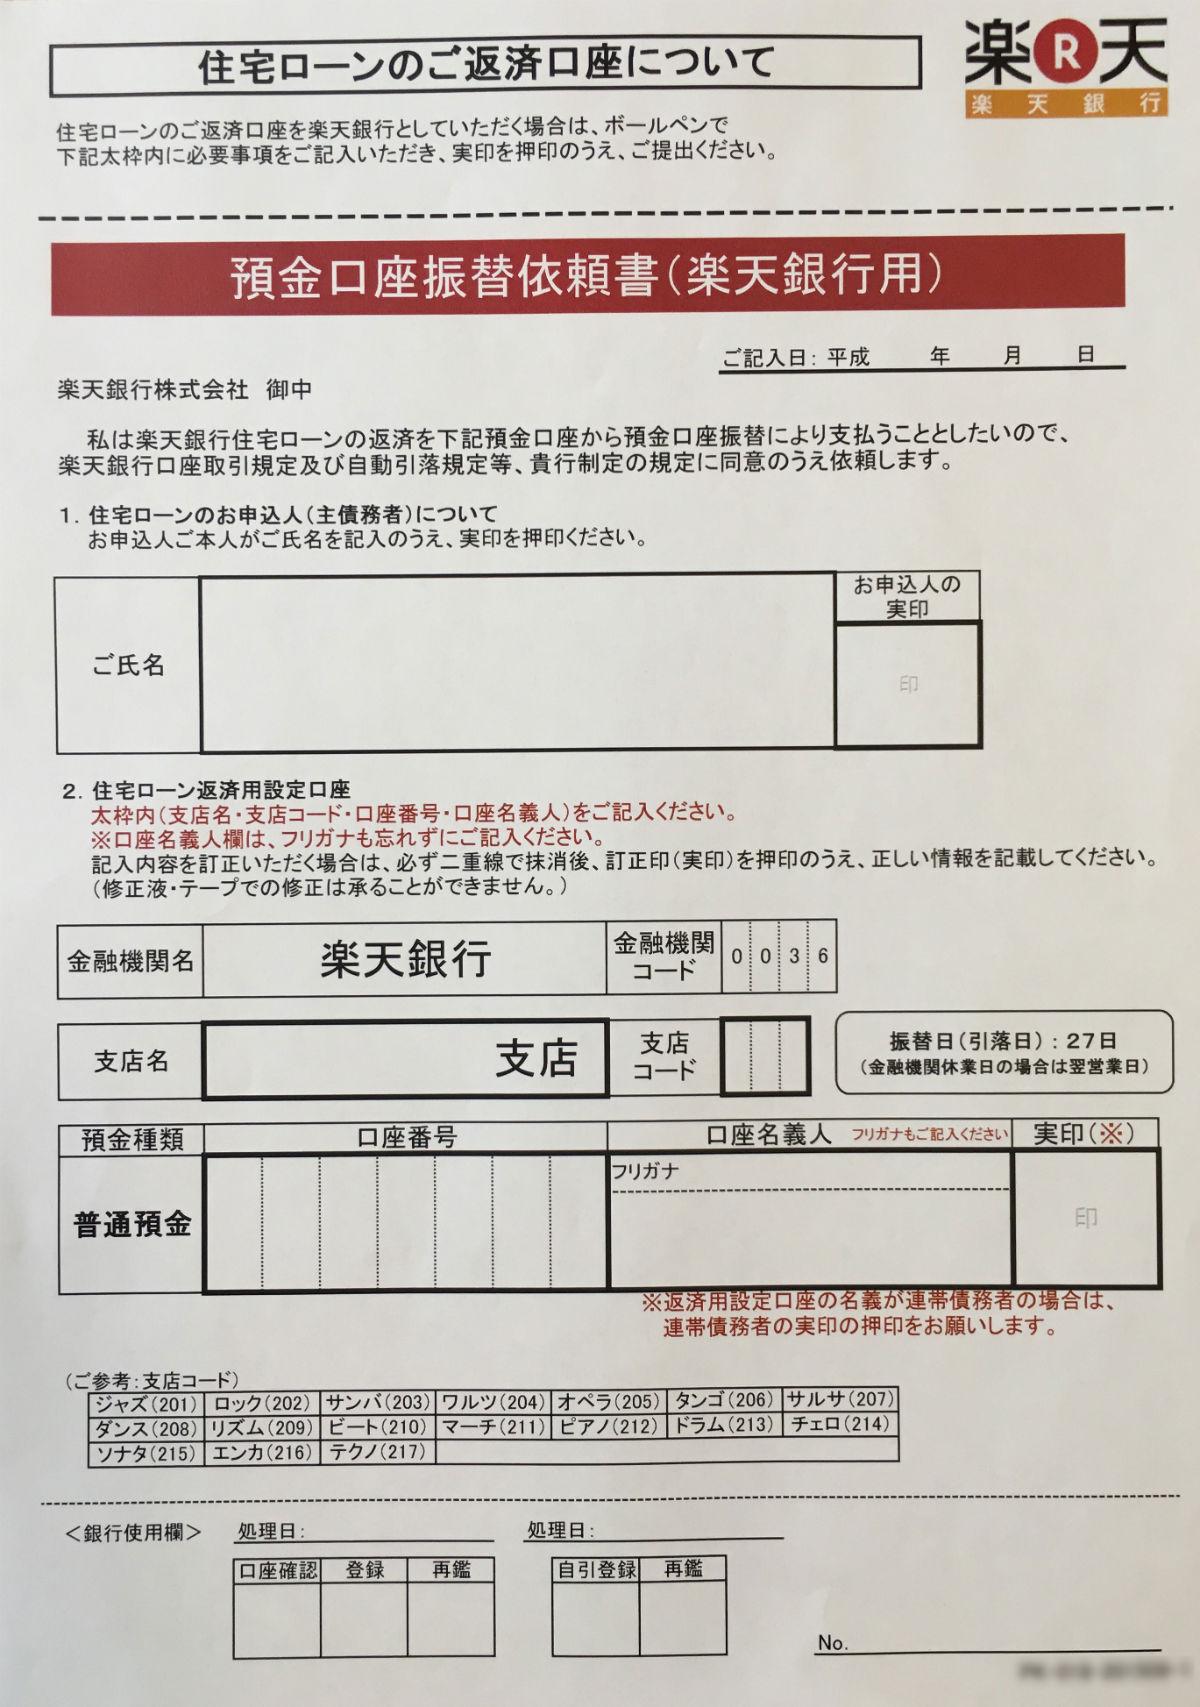 楽天銀行 預金口座振替依頼書の記入例